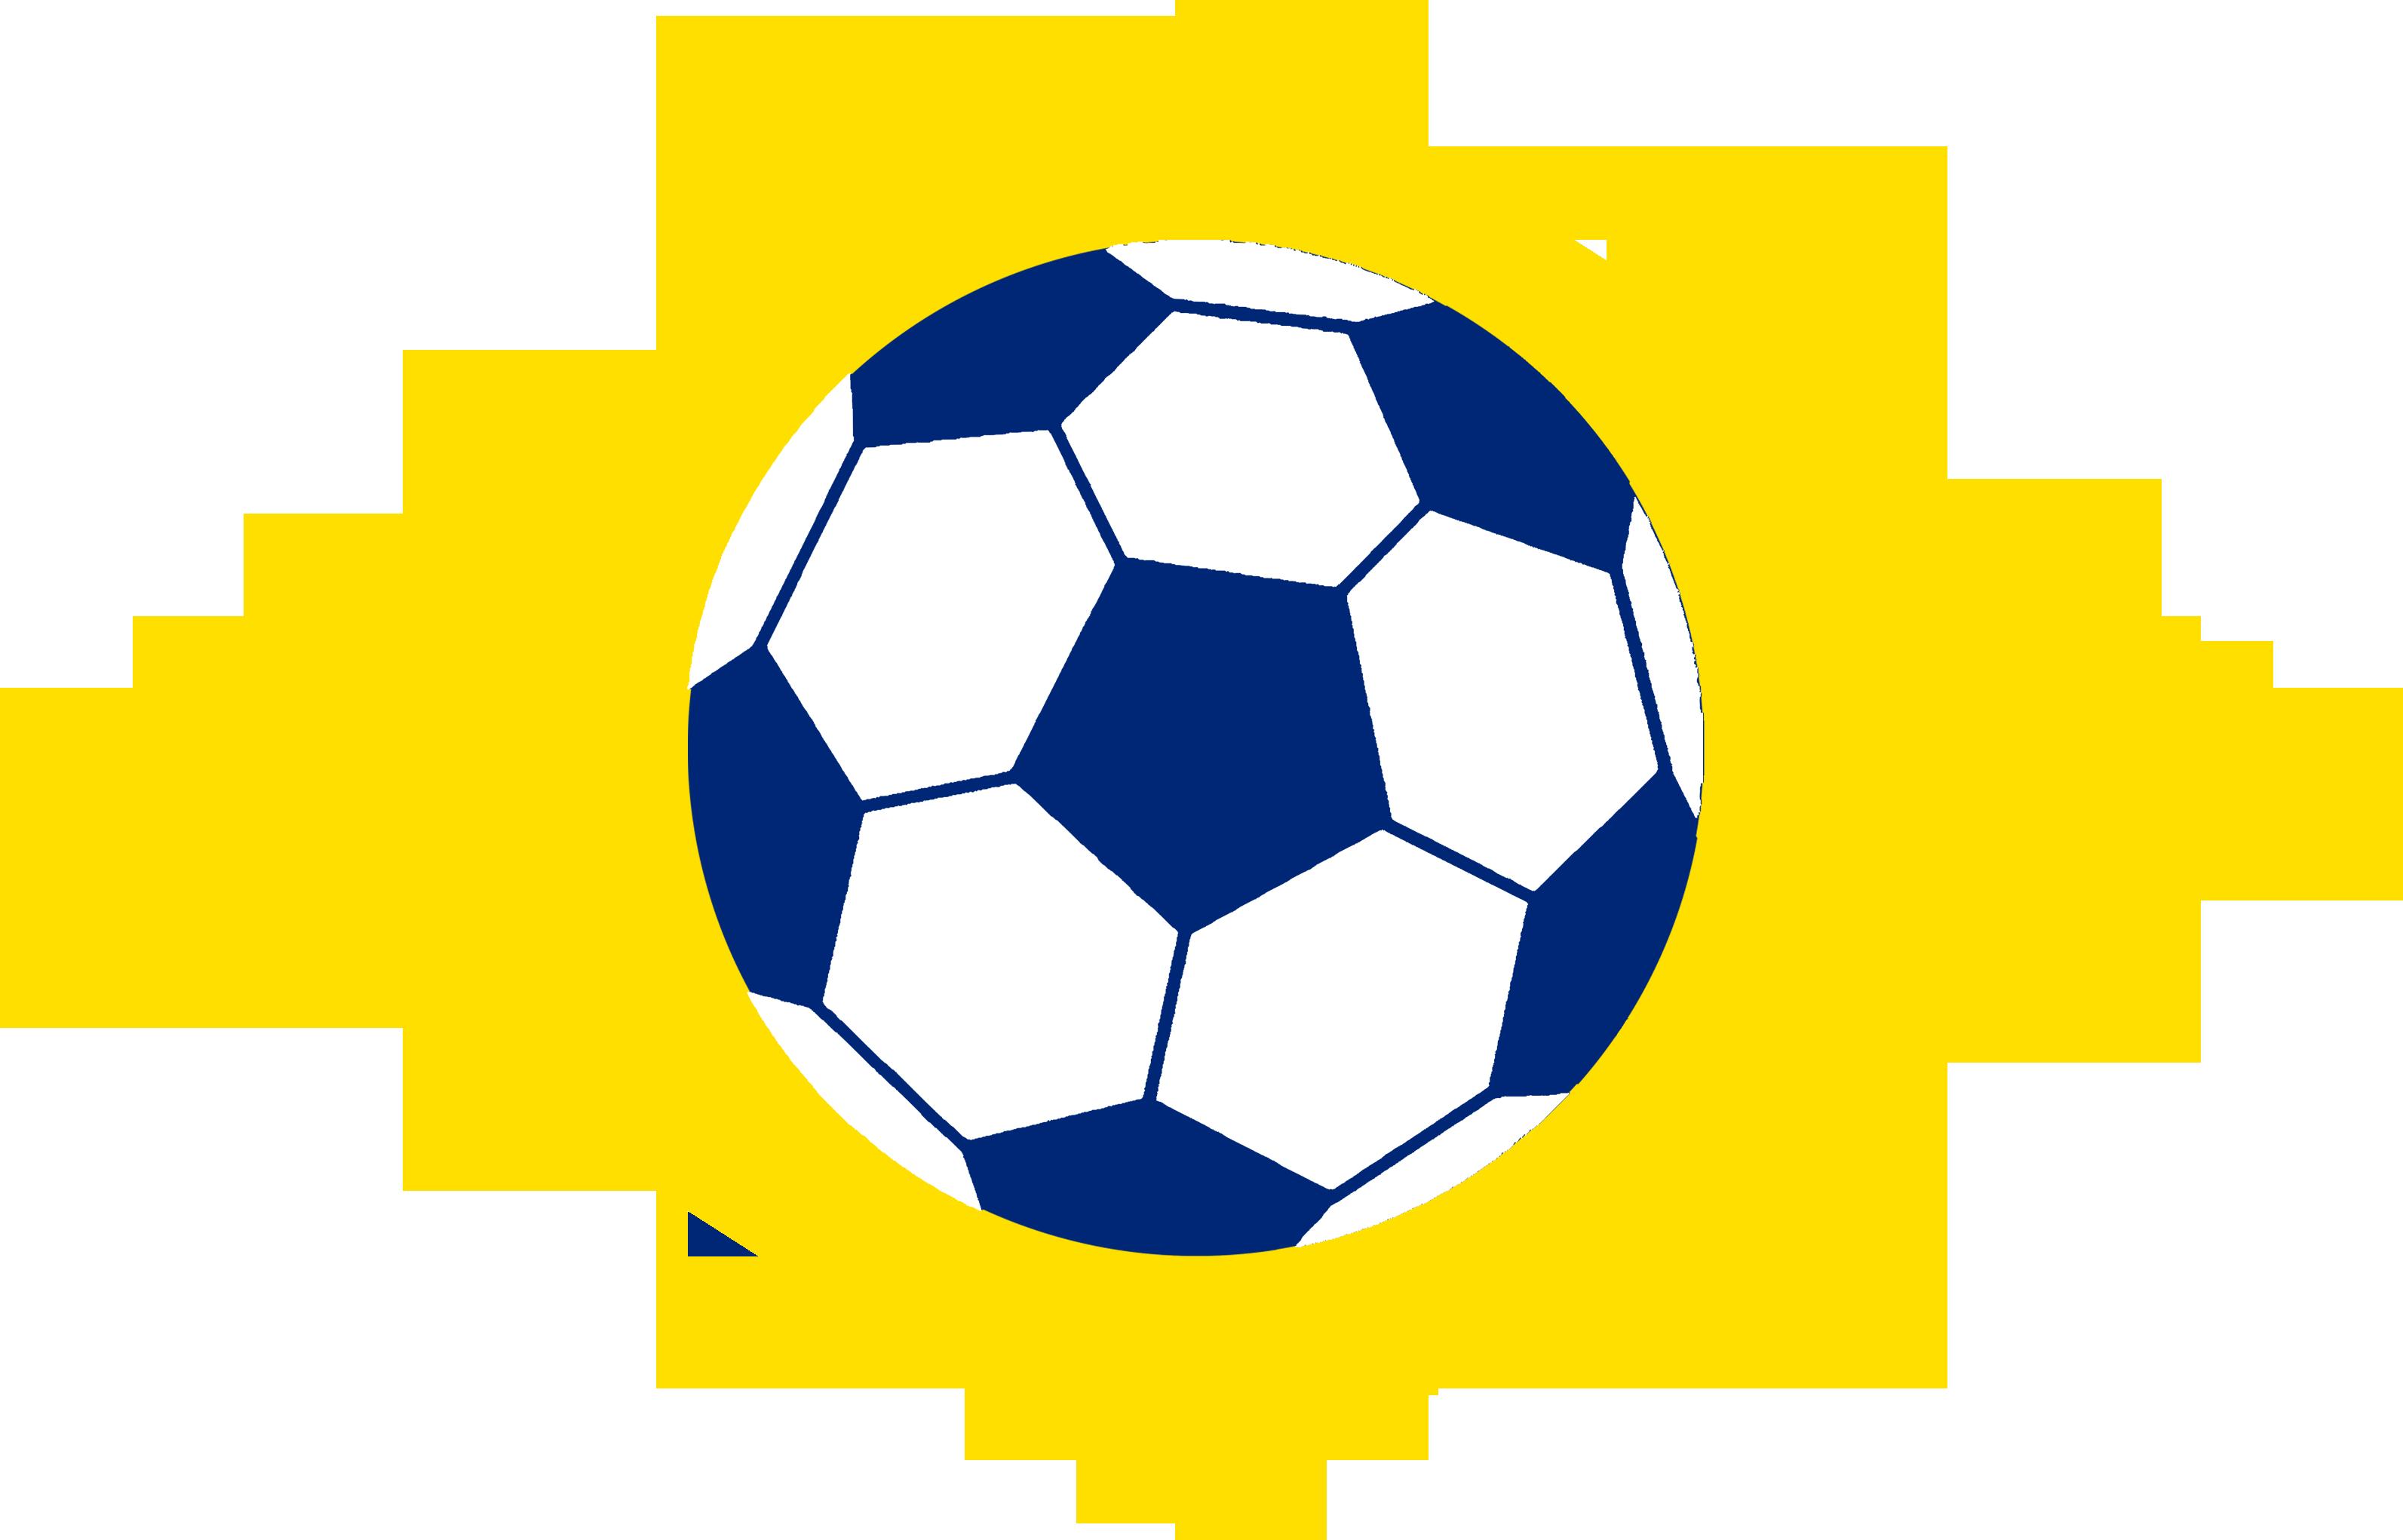 Soccer ball clipart green clipart transparent stock ball - Brazilian flag (for green t-shirt) clipart transparent stock